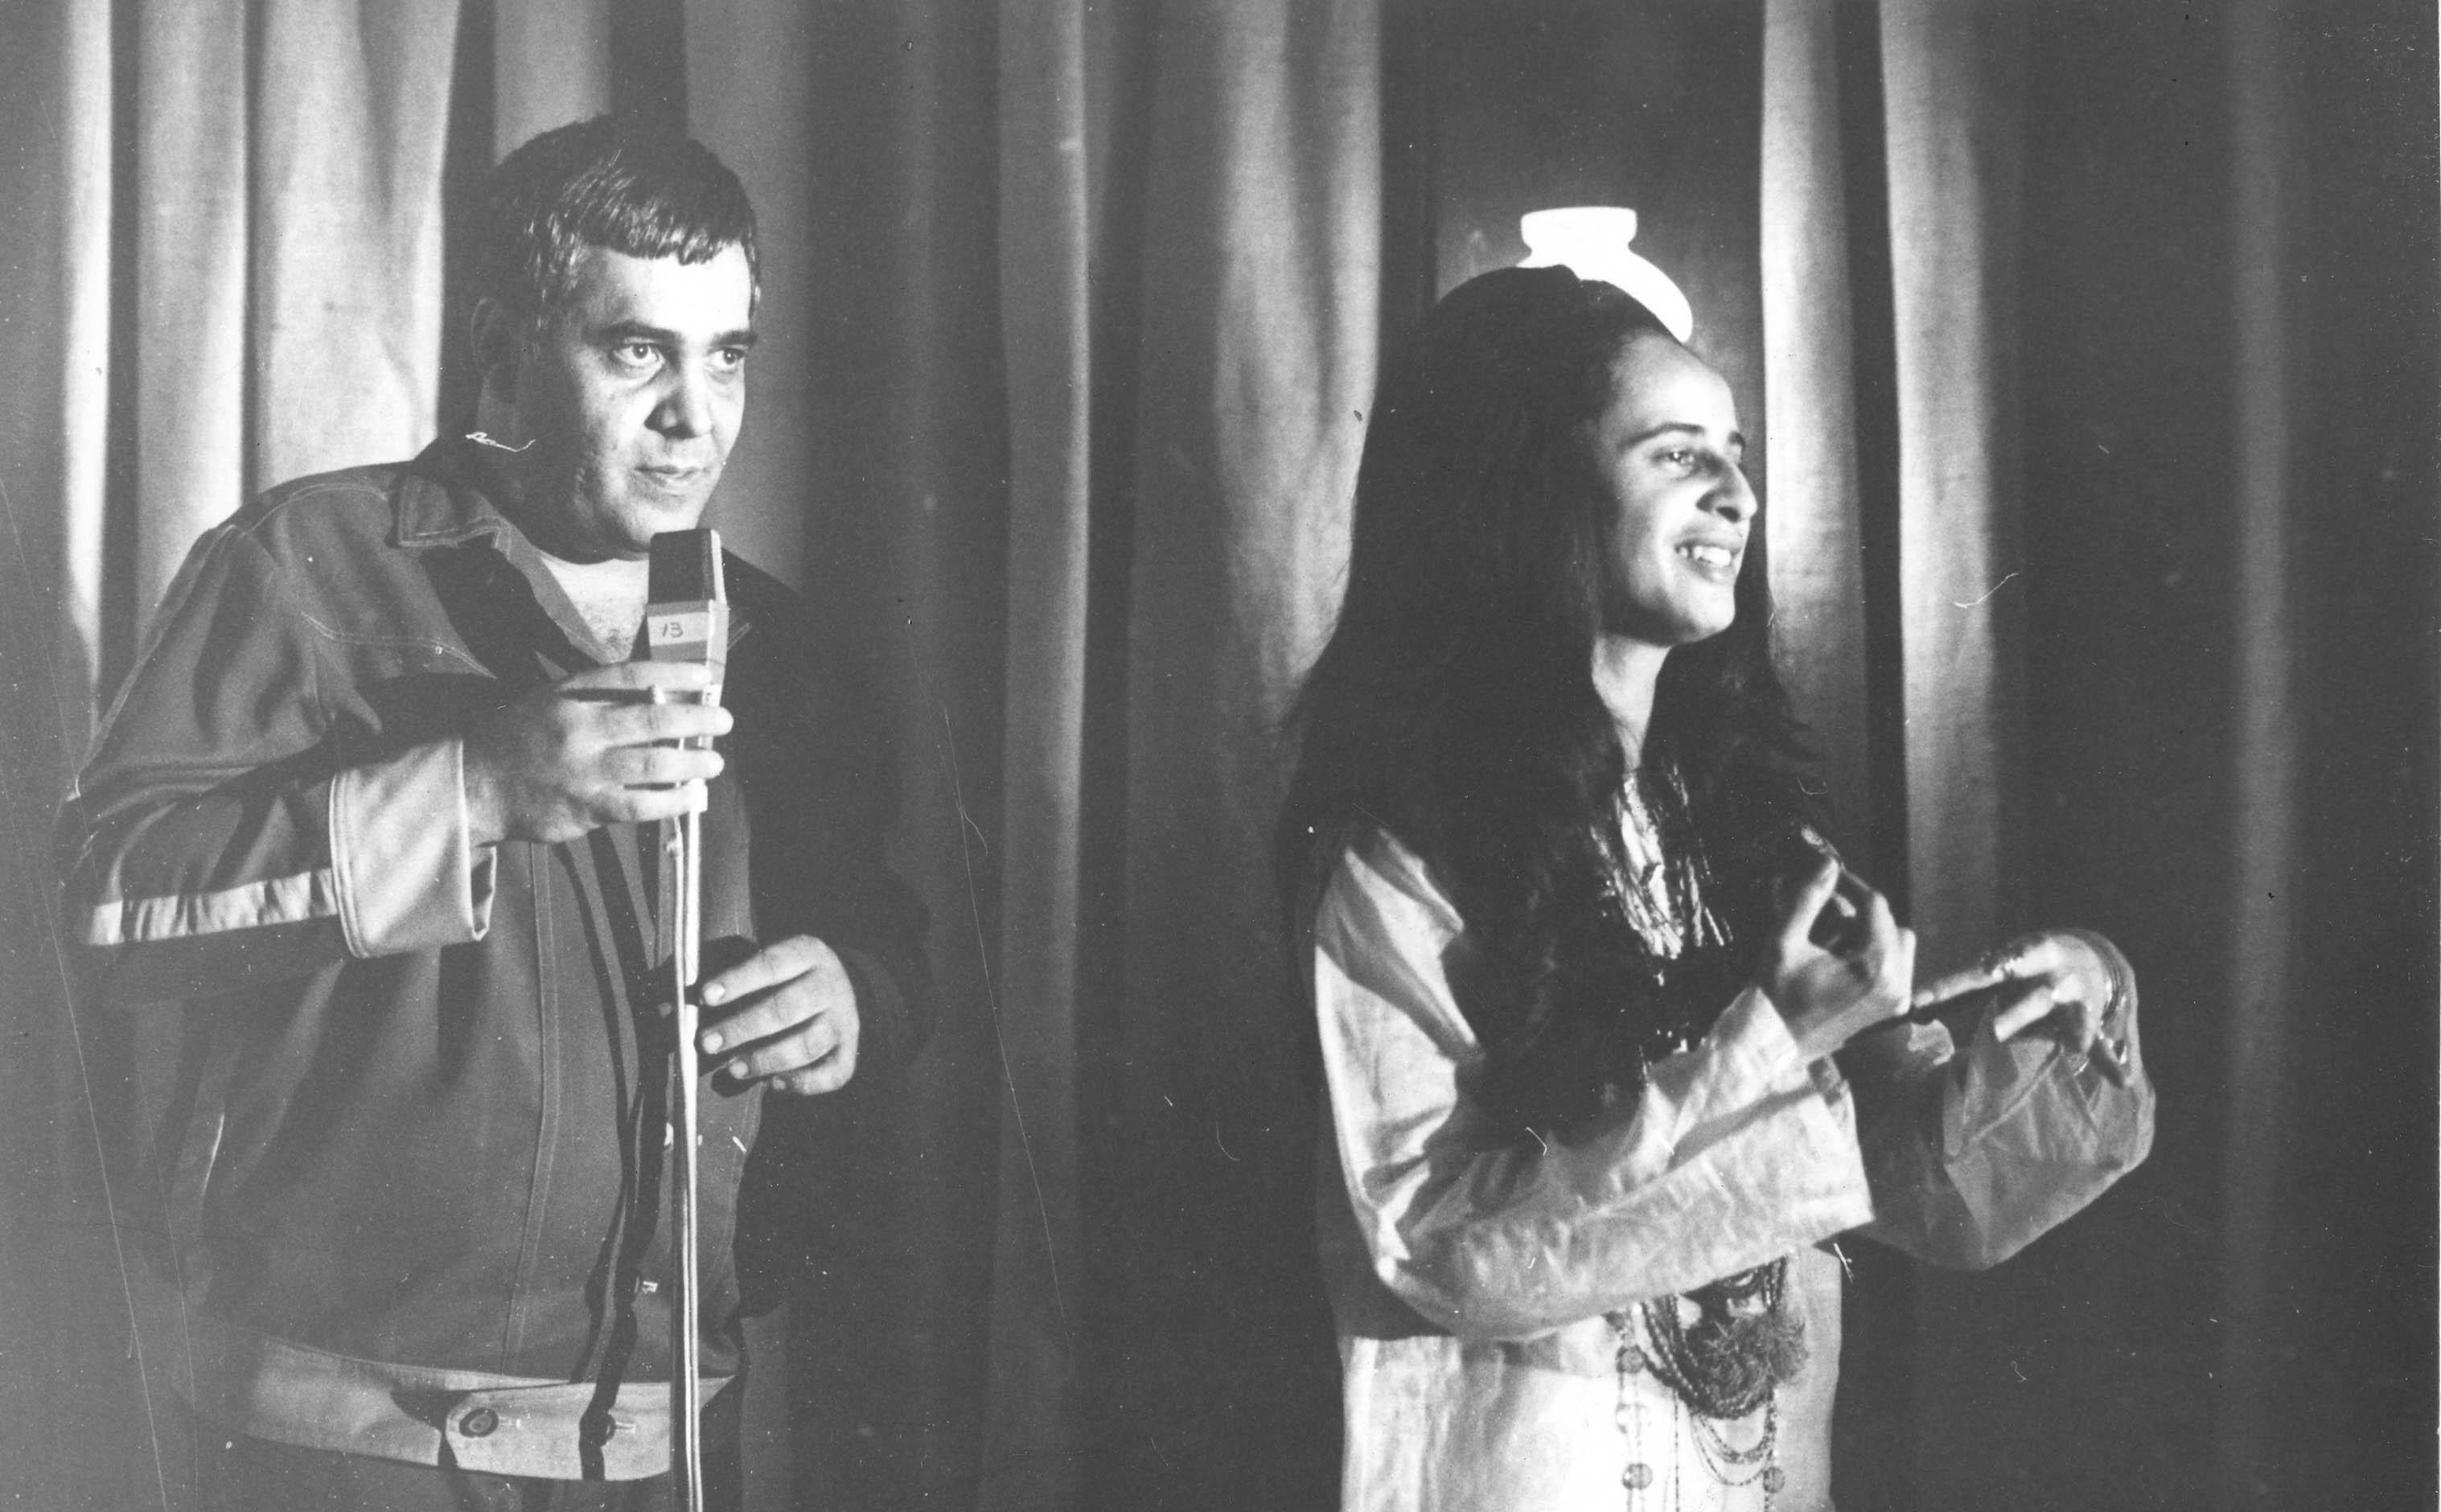 """Brasil, São Paulo, SP, 04/12/1969. Retrato de Carlos Imperial e Maria Bethânia, durante a gravação do disco da cantora no estúdio da Odeon, em São Paulo. Bethânia cantou para convidados  seletos, entre amigos e jornalistas e dali foram gravadas faixas do disco """"Maria Bethânia ao vivo"""", que teve a produção de Carlos Imperial. Pasta: 7.109 - Crédito:ALFREDO RIZZUTTI/ESTADÃO CONTEÚDO/AE/Código imagem:182185"""